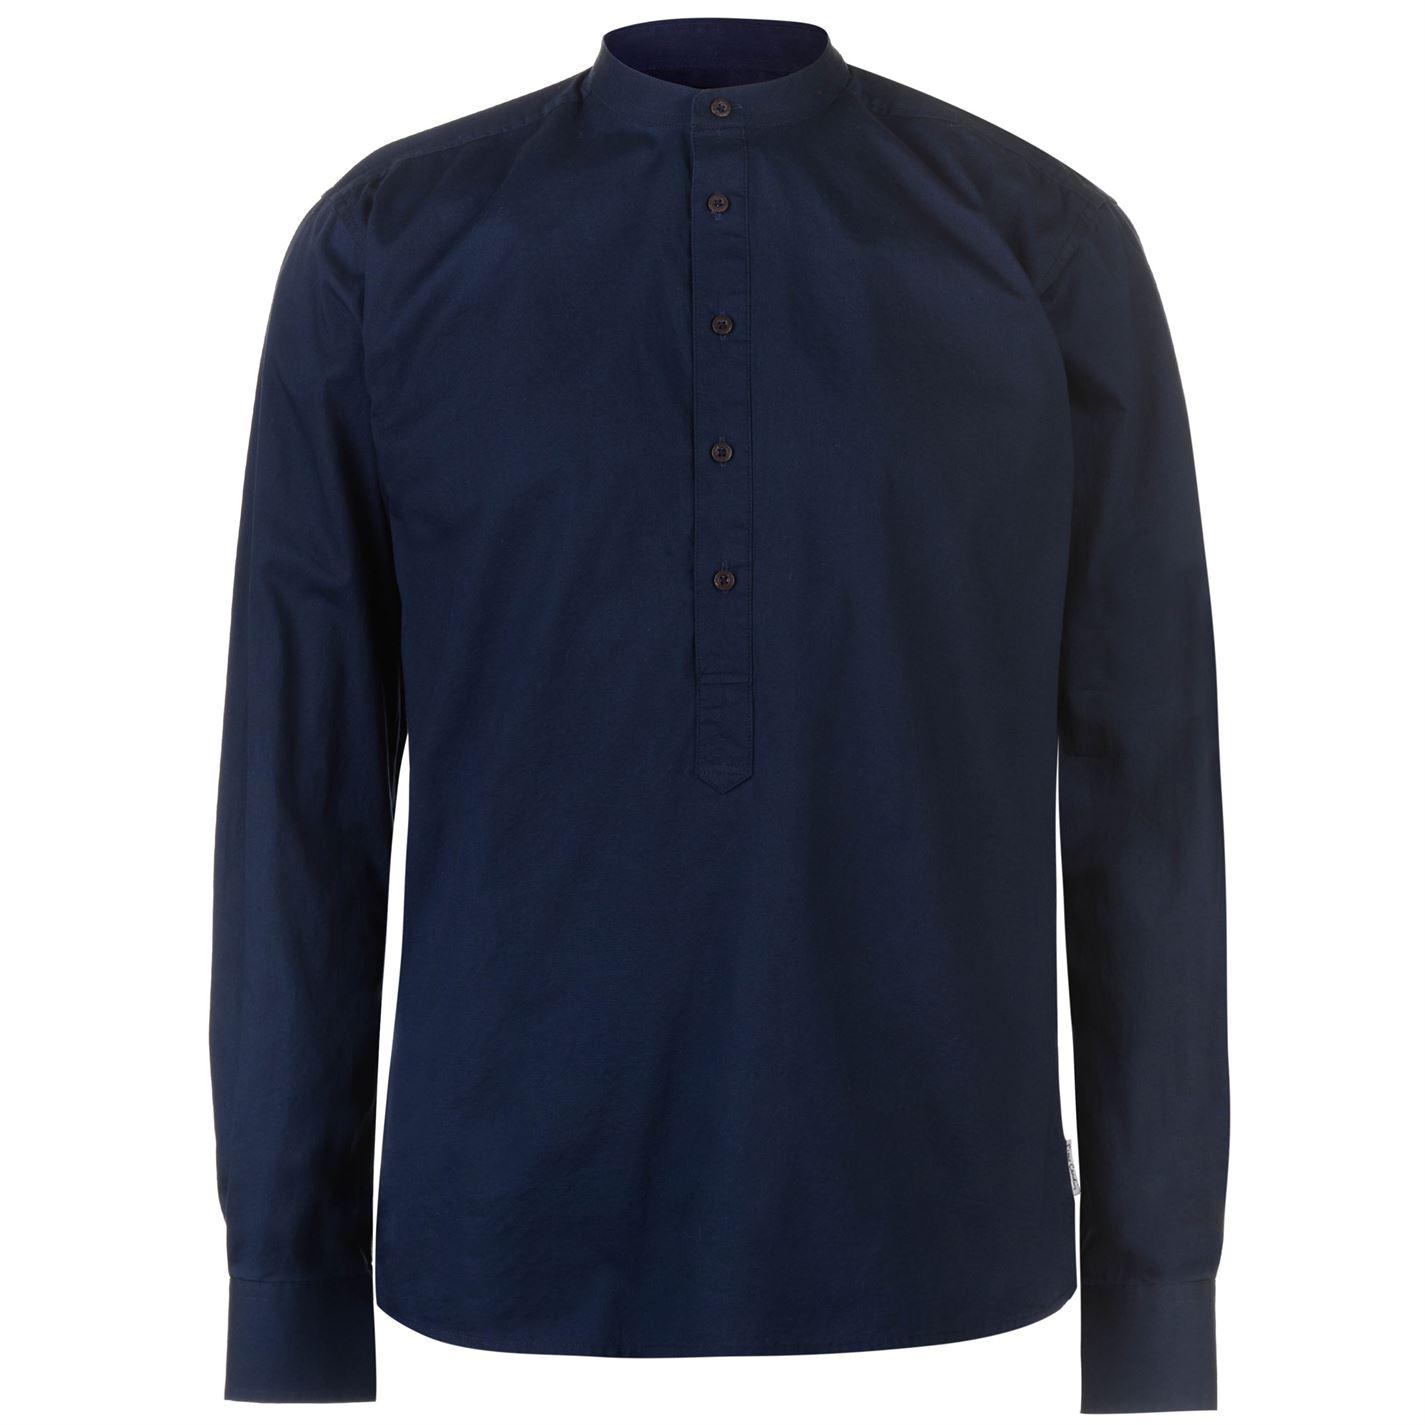 Pierre Cardin Collarless Long Sleeve Shirt Mens